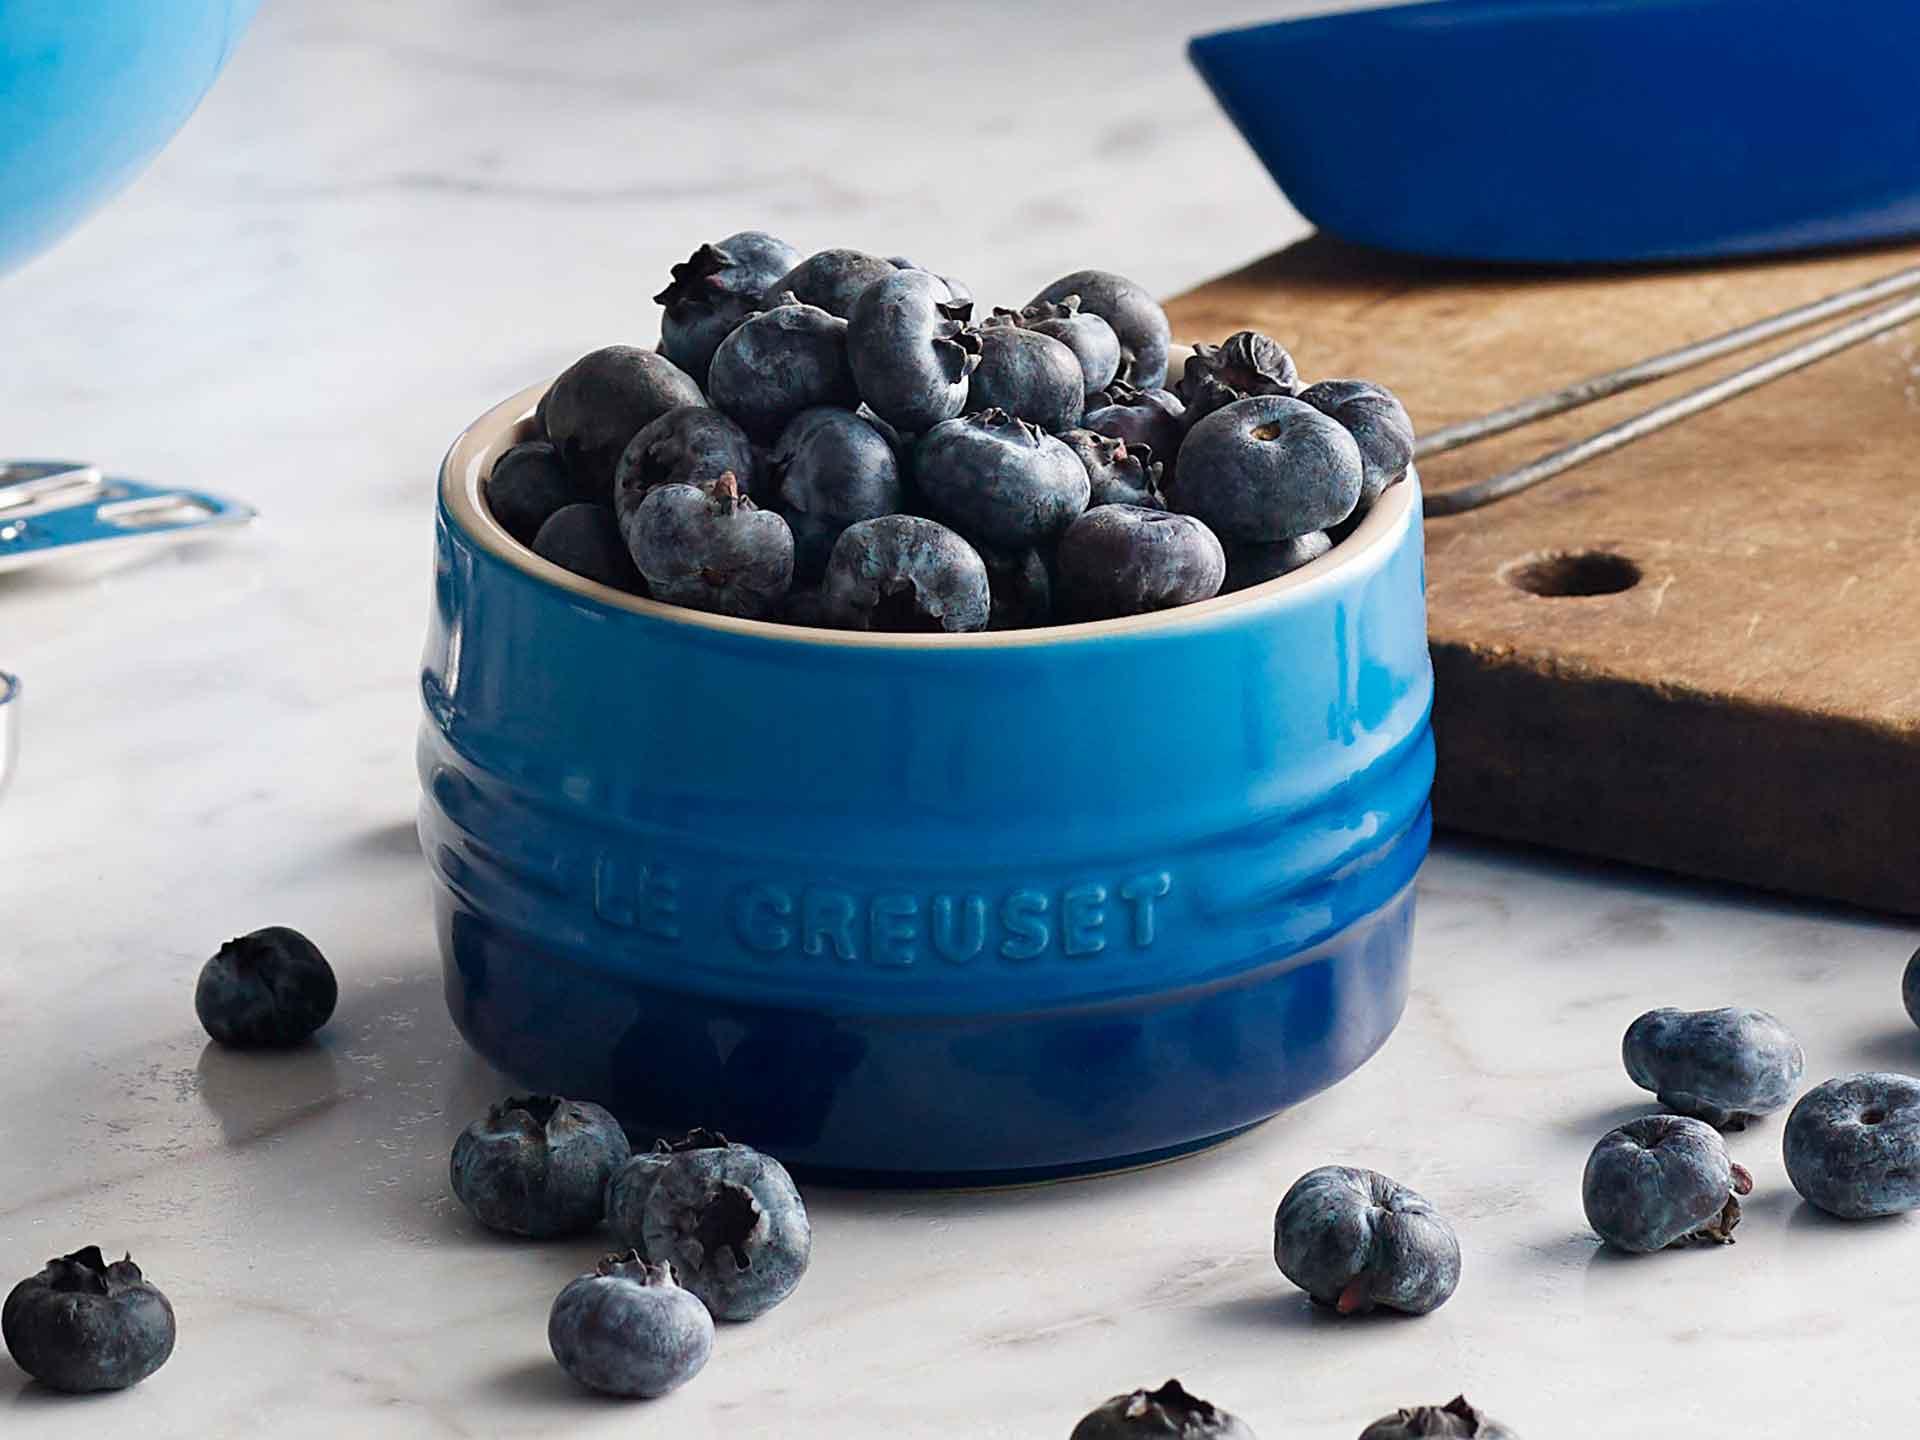 Le Creuset Blueberry